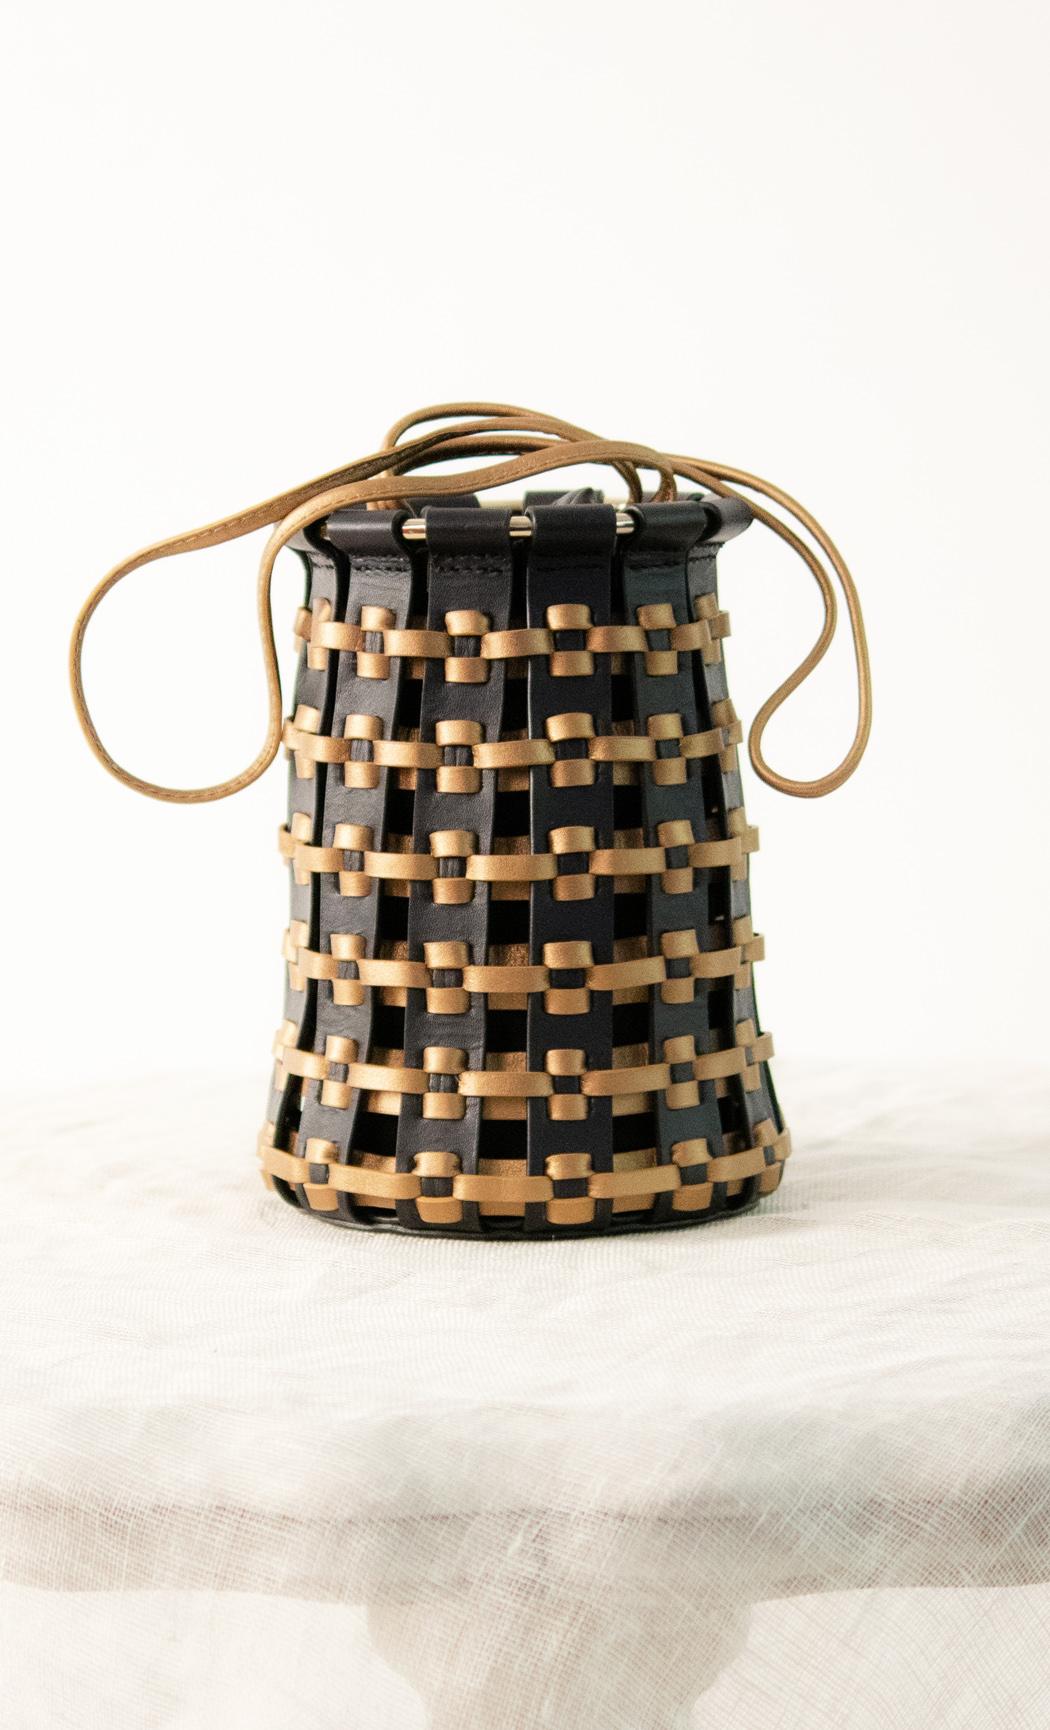 Lantern Potli in Gold-Black. Buy Online